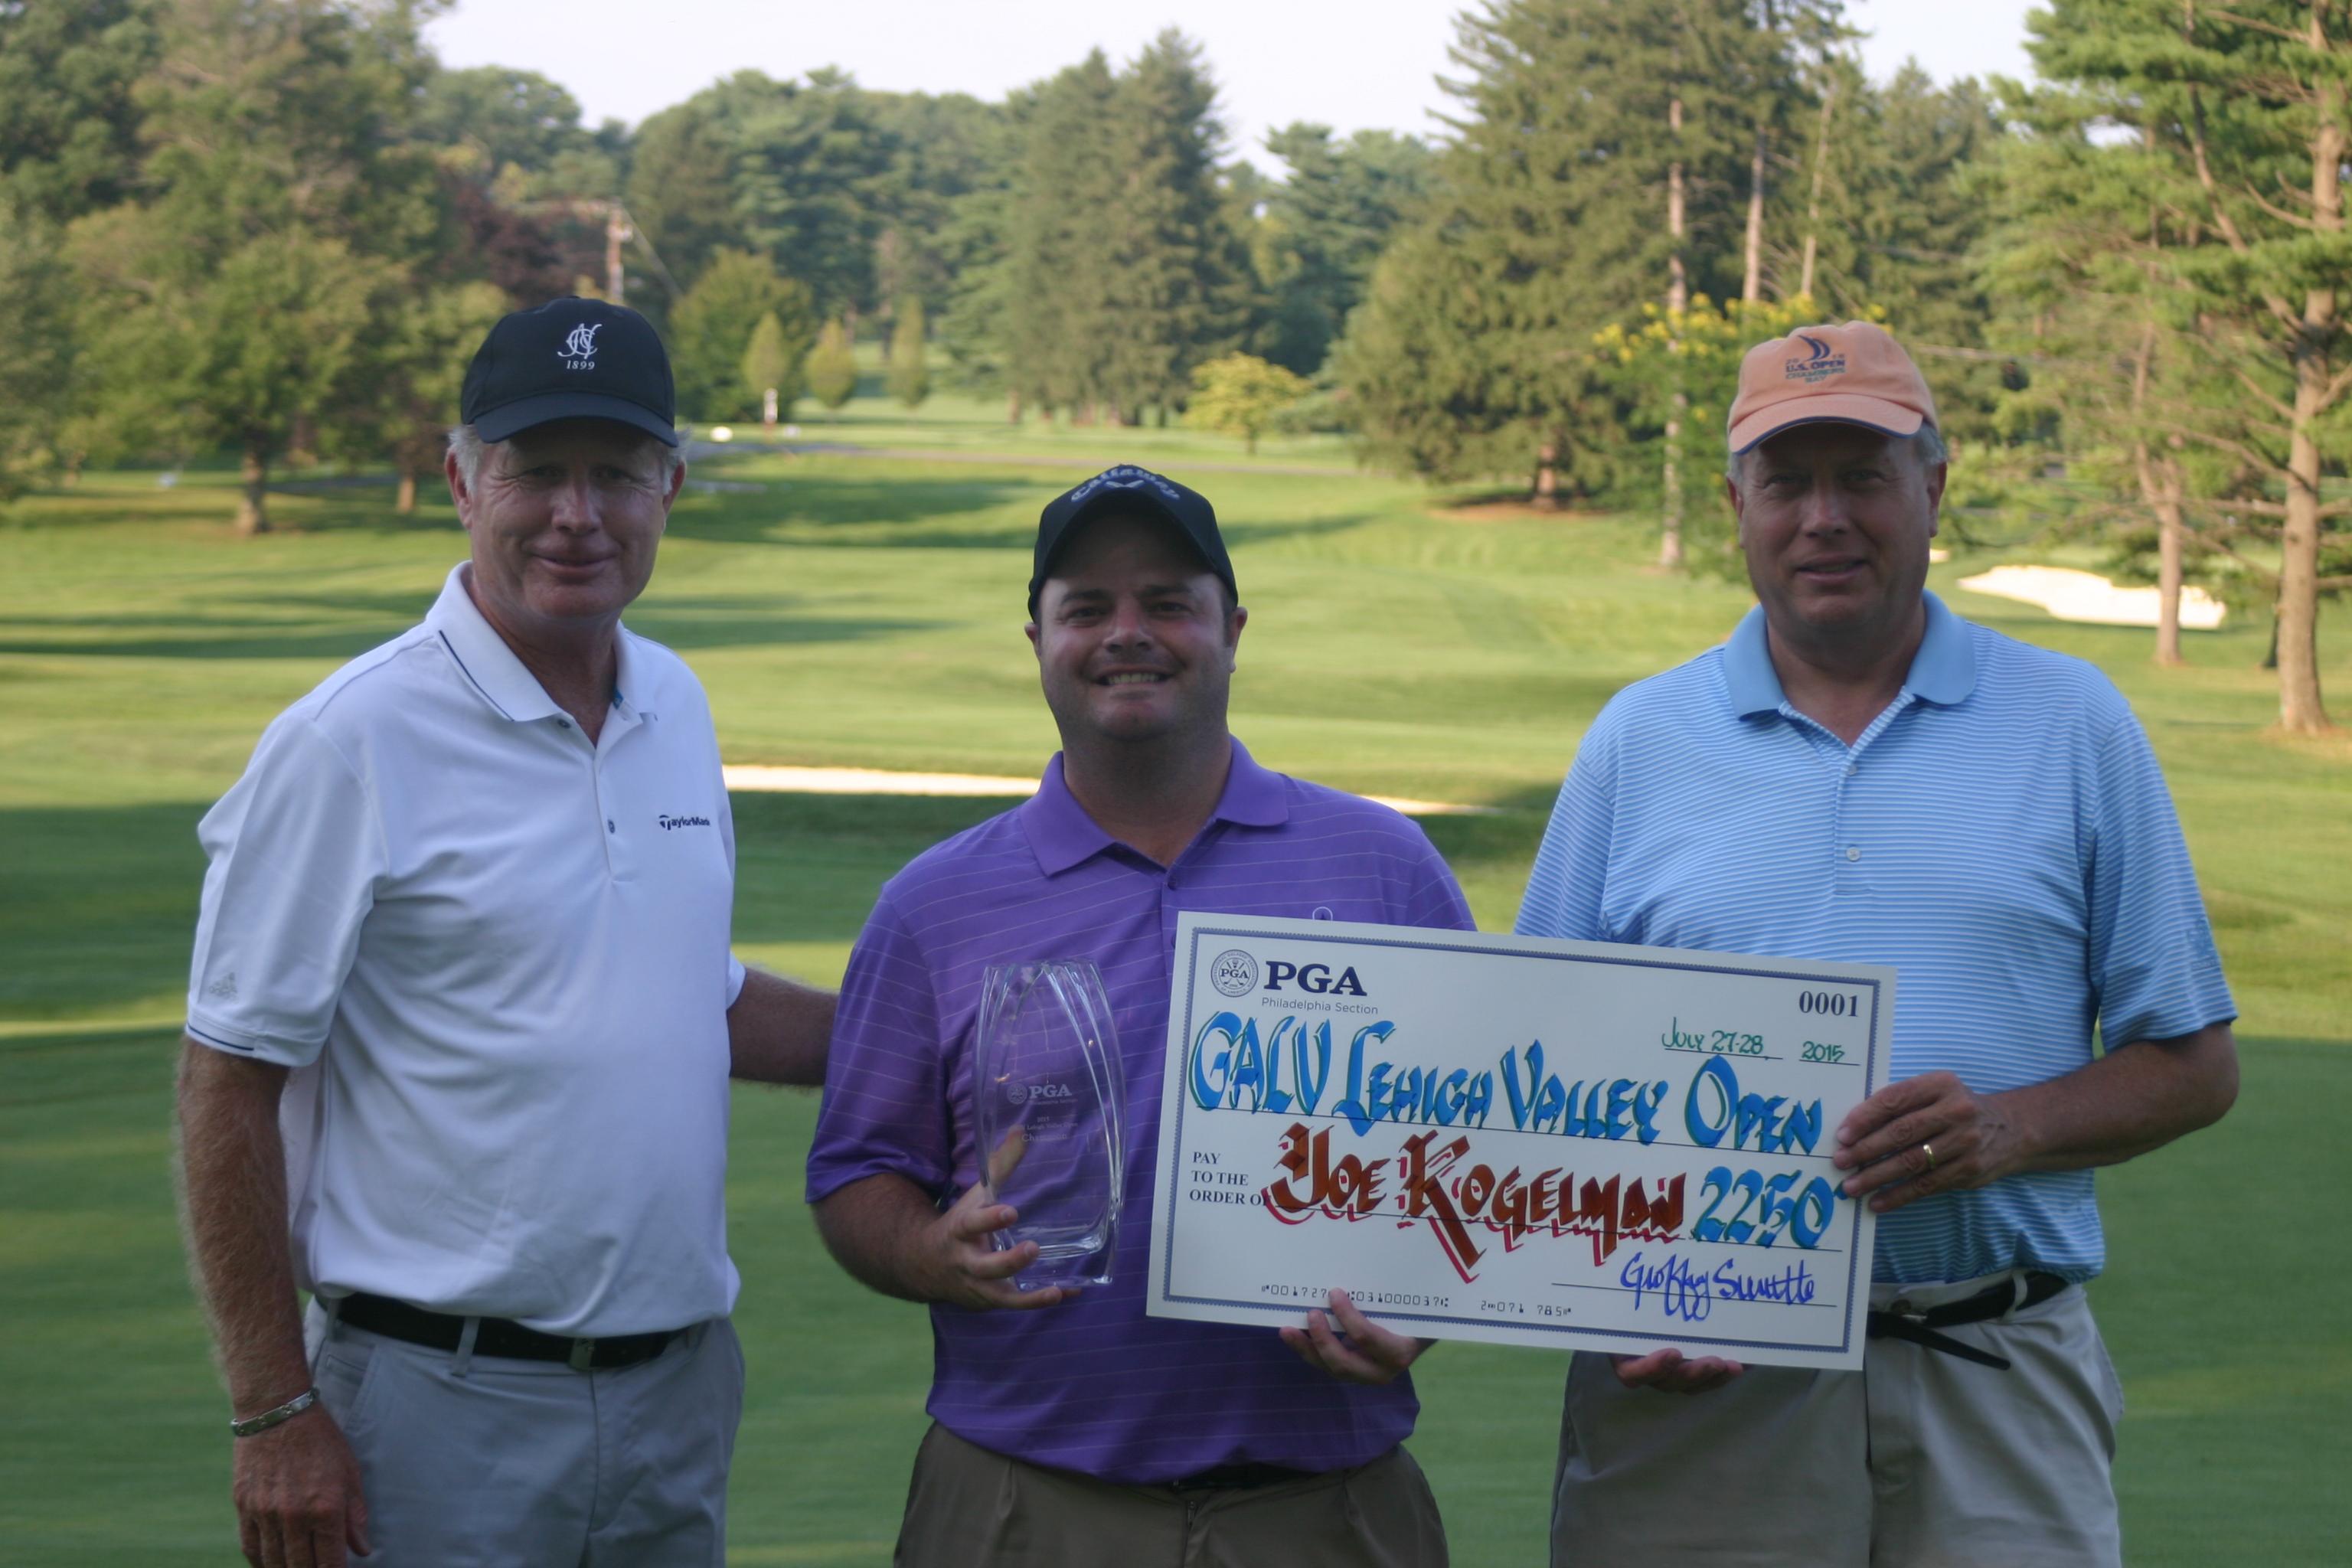 Philadelphia Pga Kogelman Cards Career Best To Win Galv Lehigh Valley Open